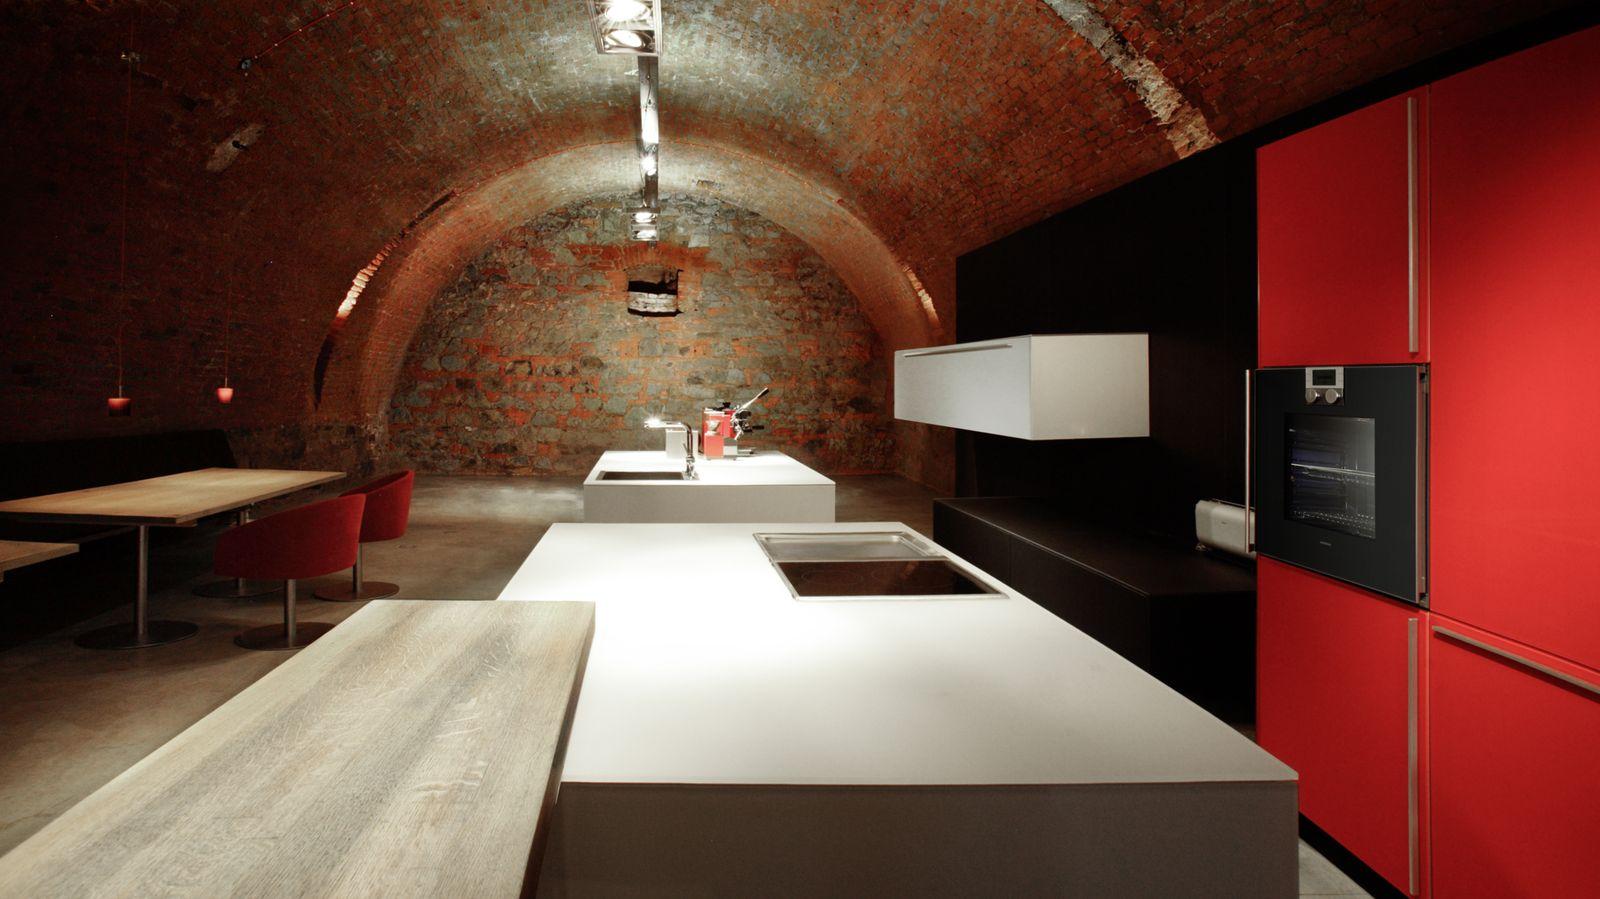 plan 3 kitchens / Valcucine / Exbition of the plan 3 kitchens